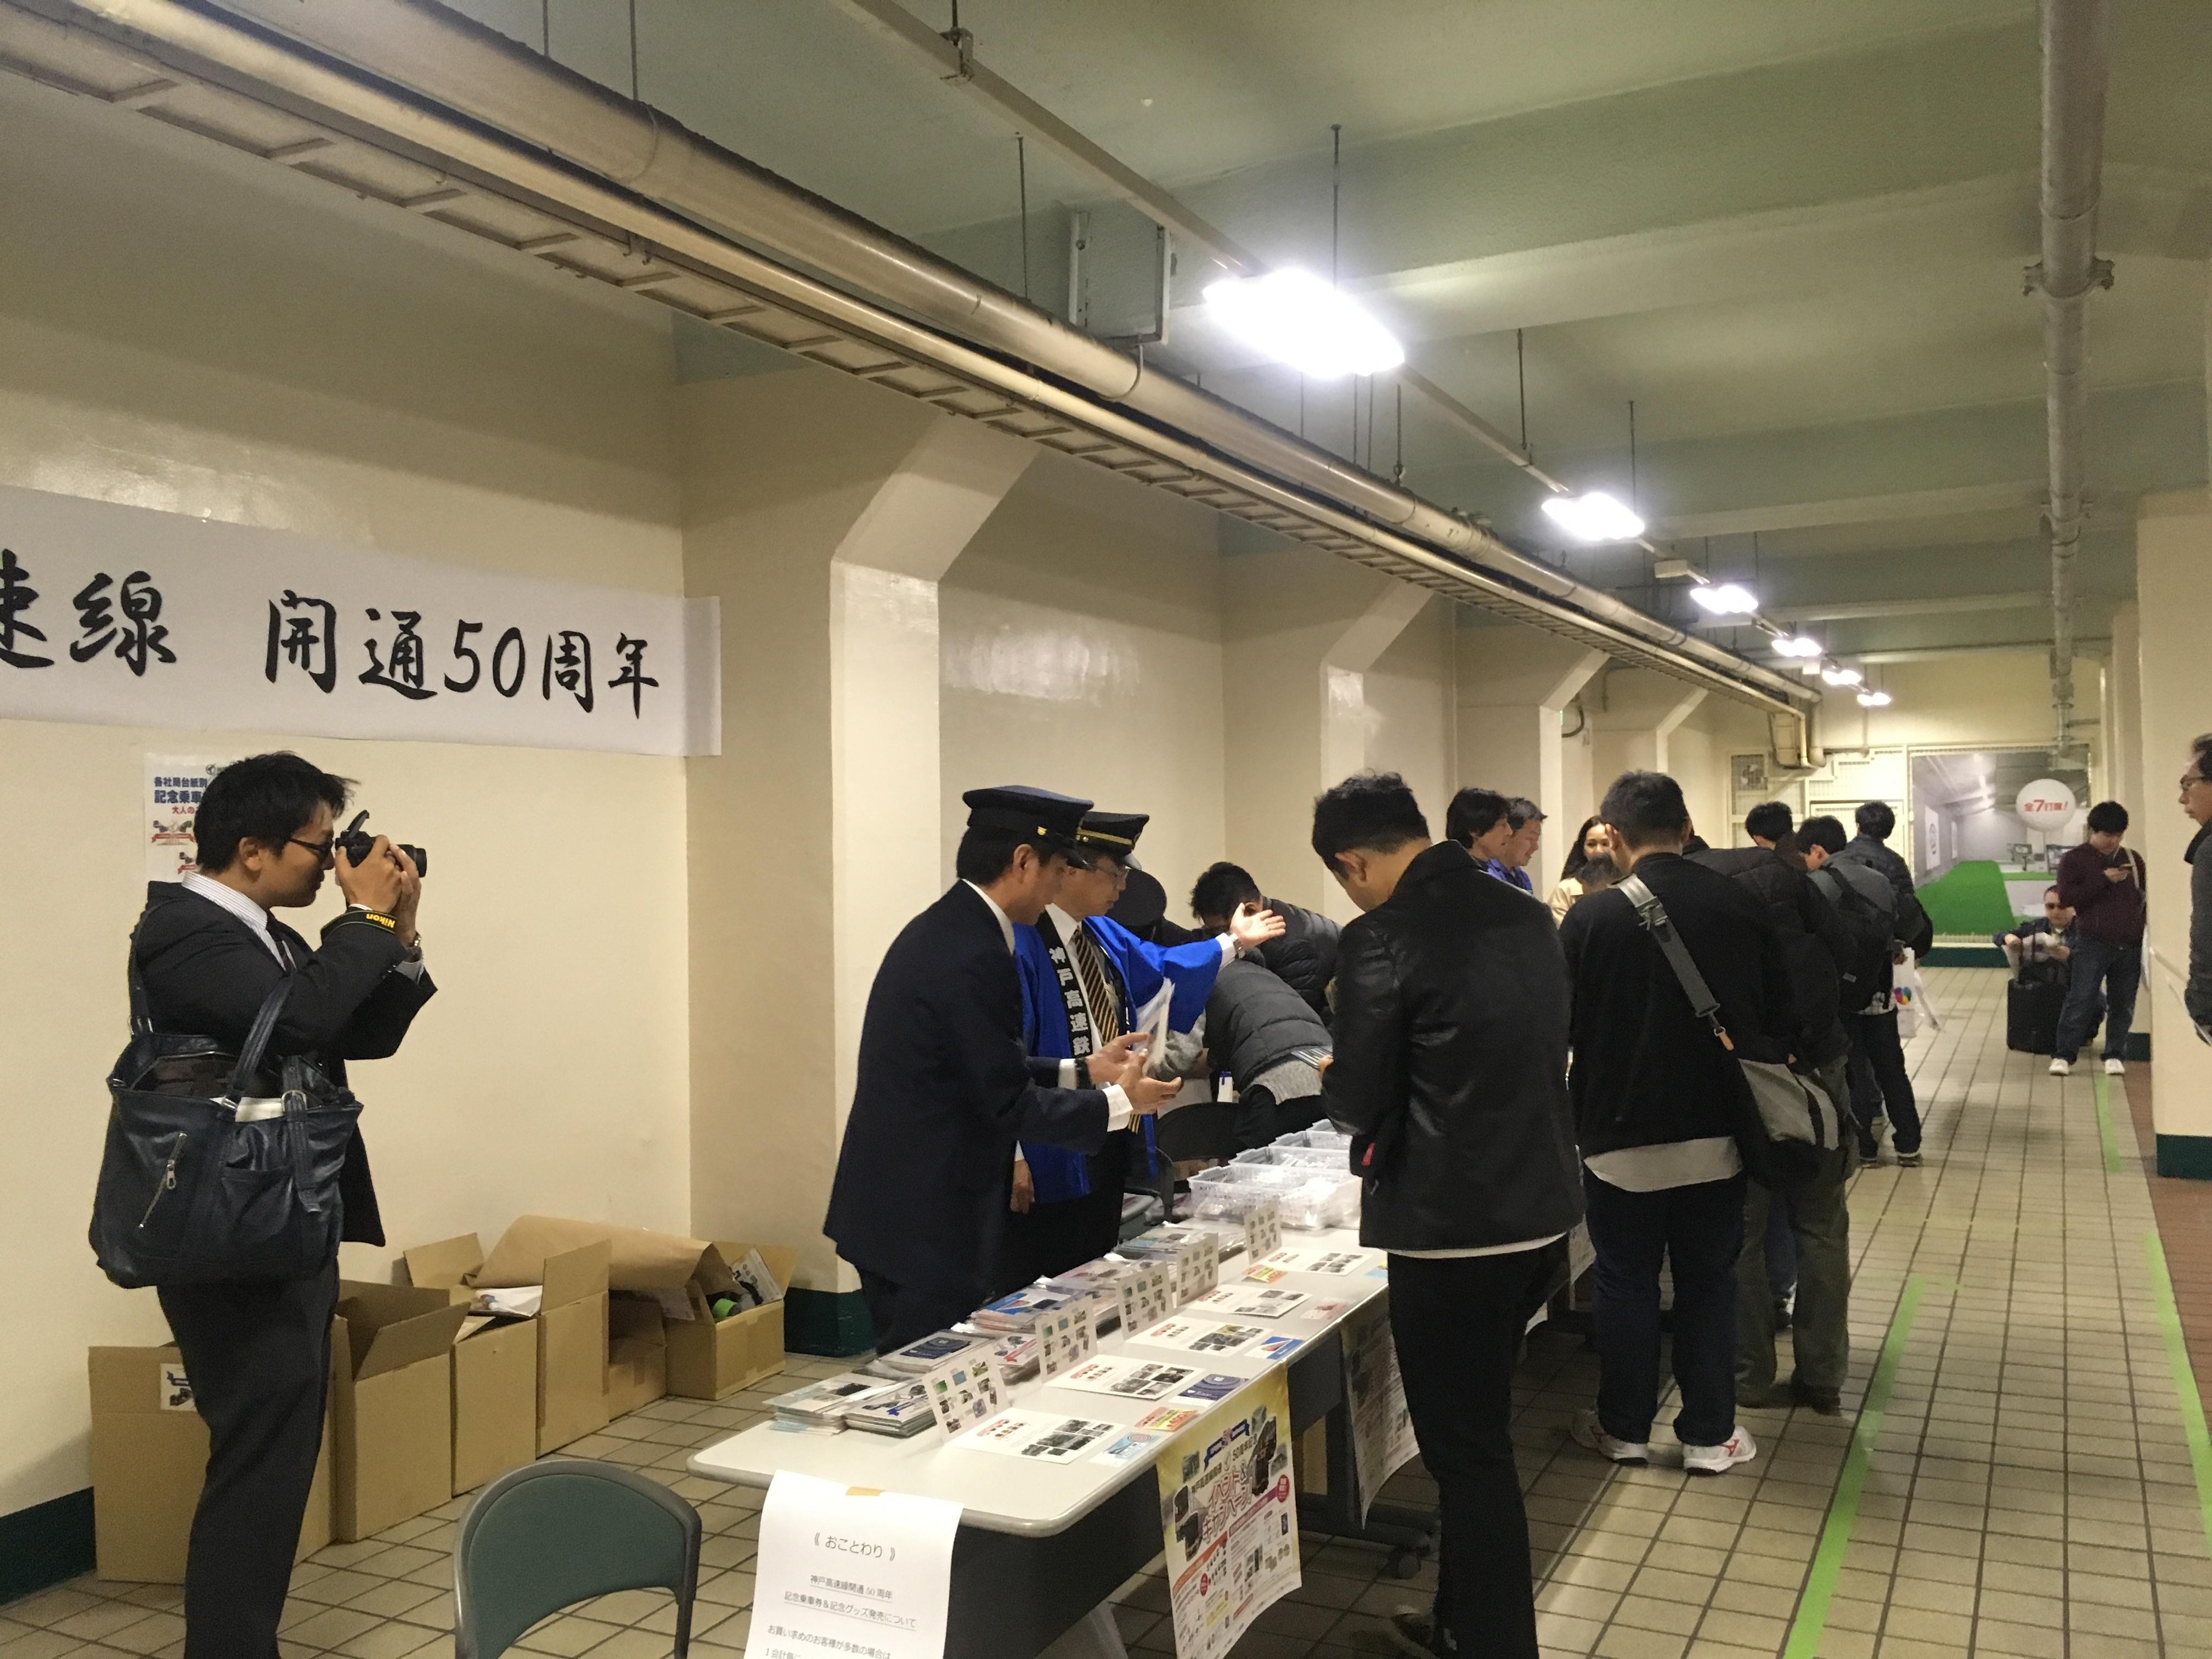 20180407神戸高速50周年販売会1